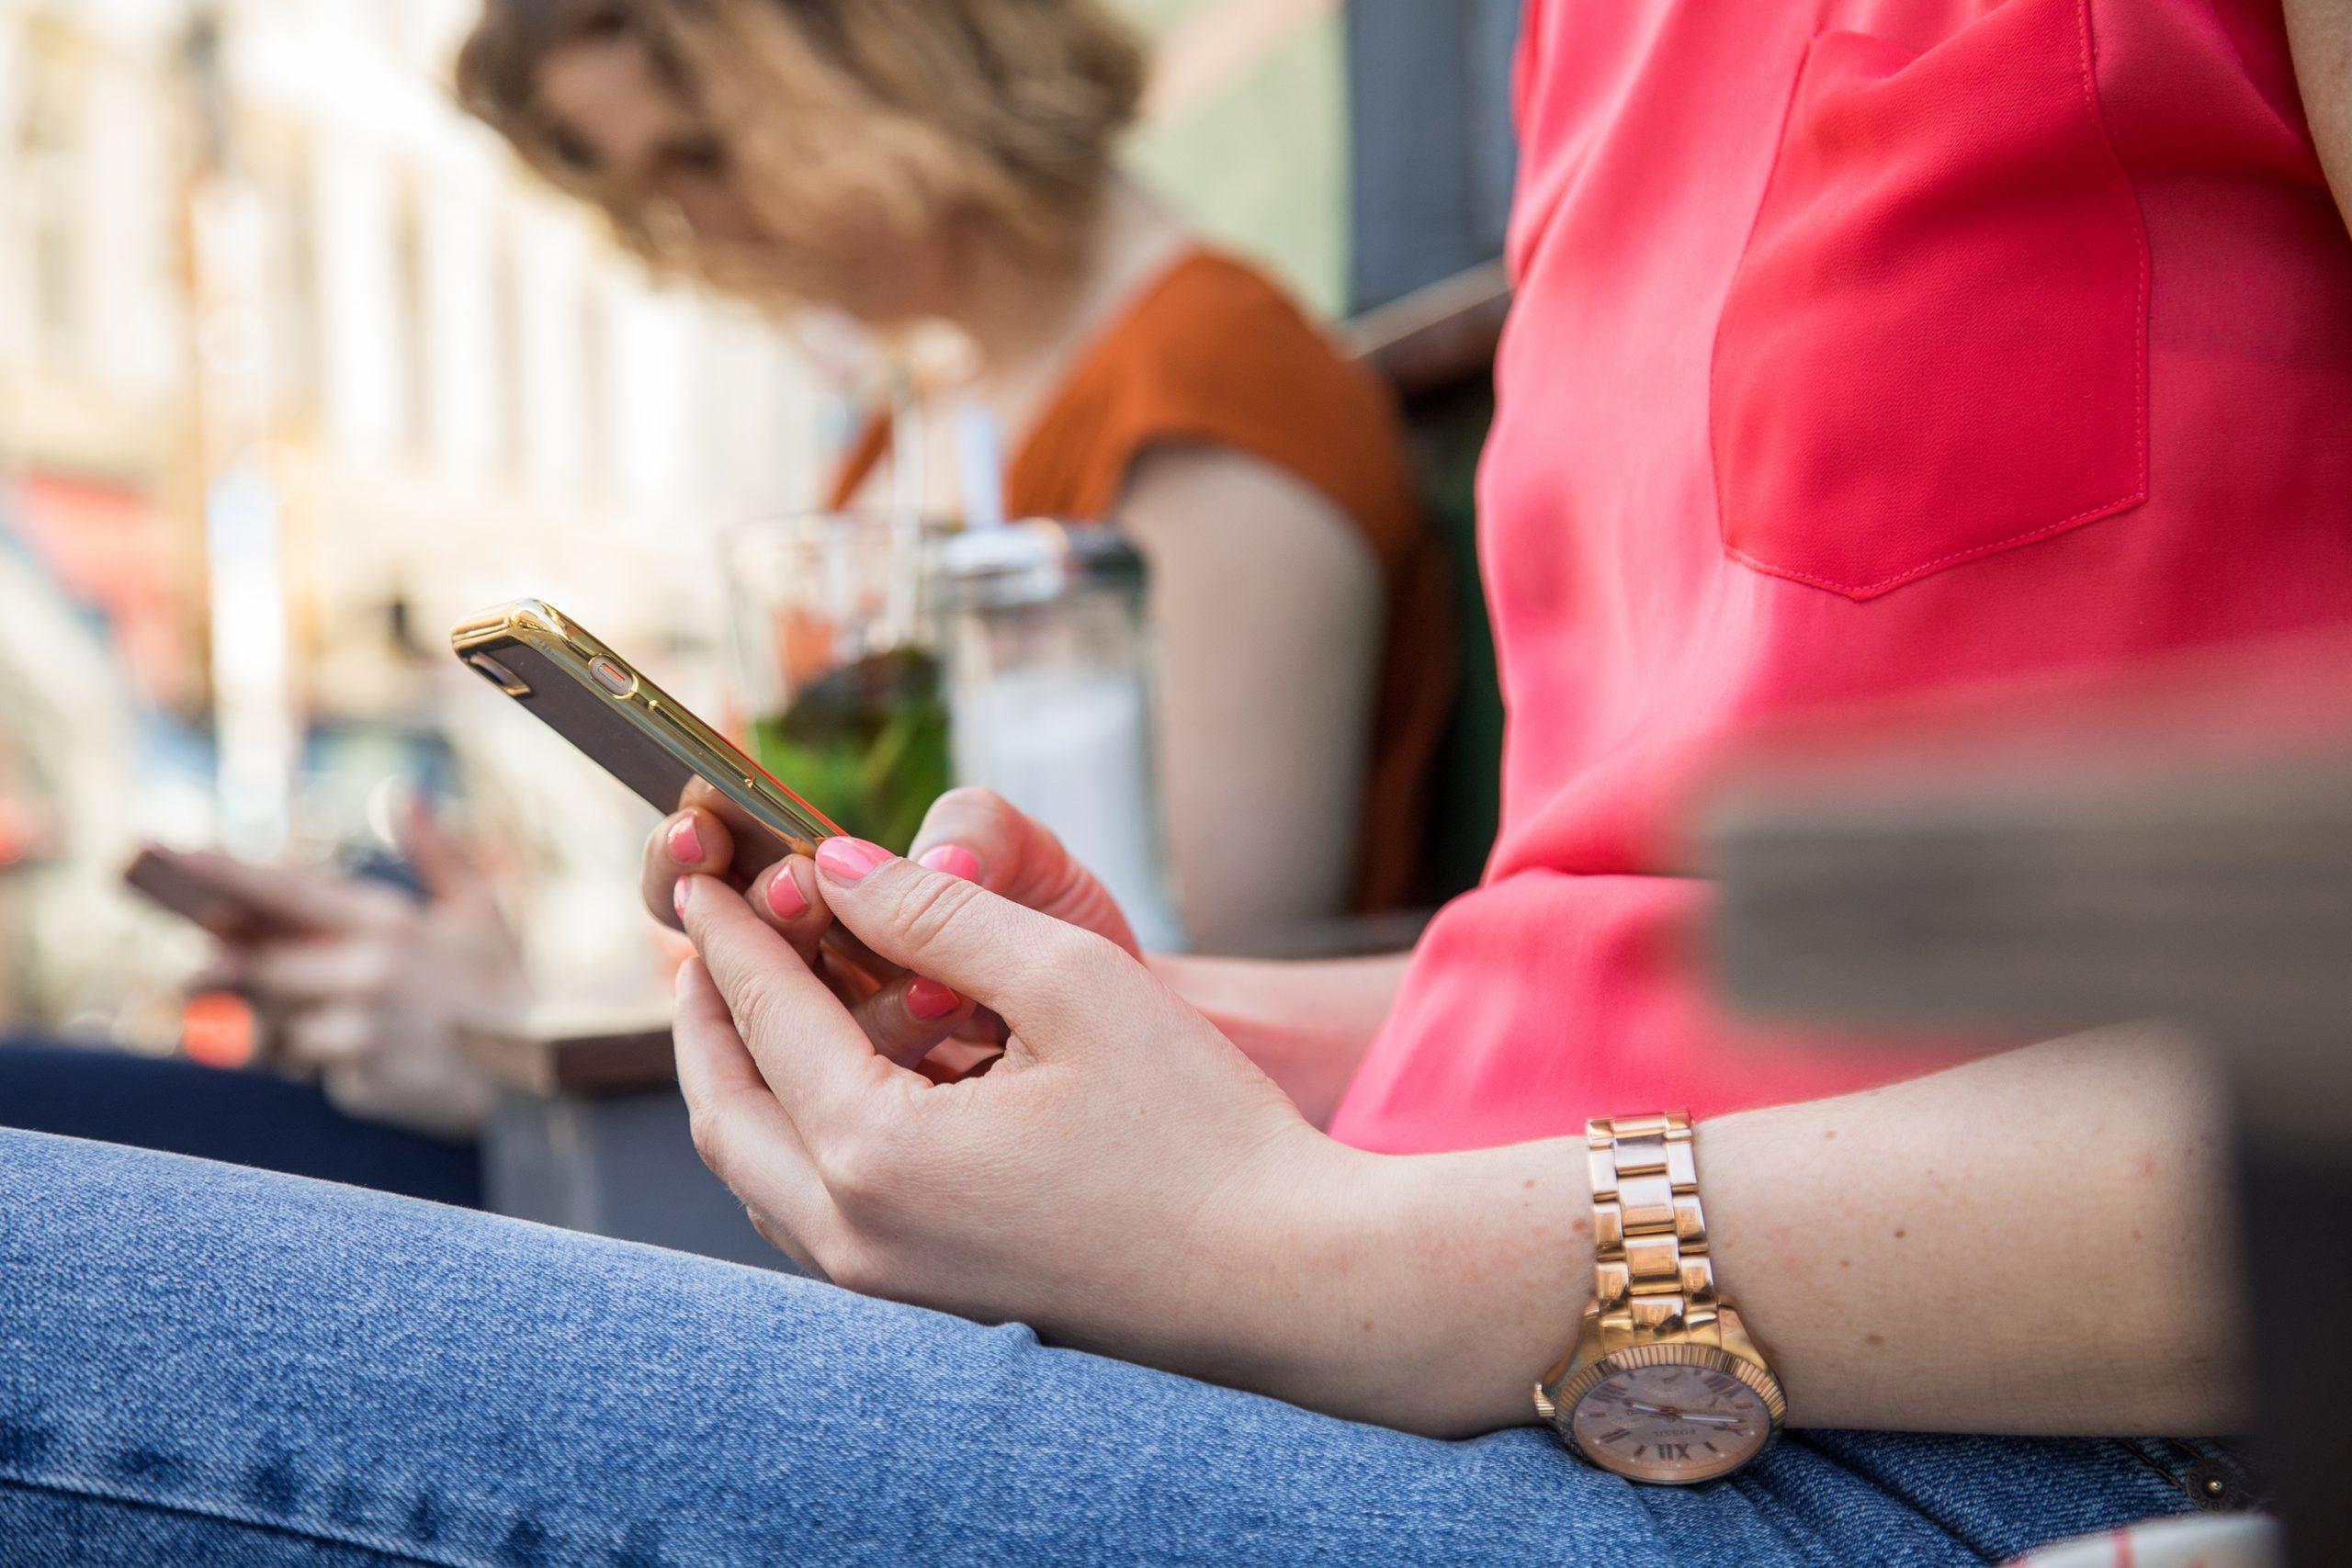 Cuando los amigos se distancian, ¿es mejor llamar o no llamar?